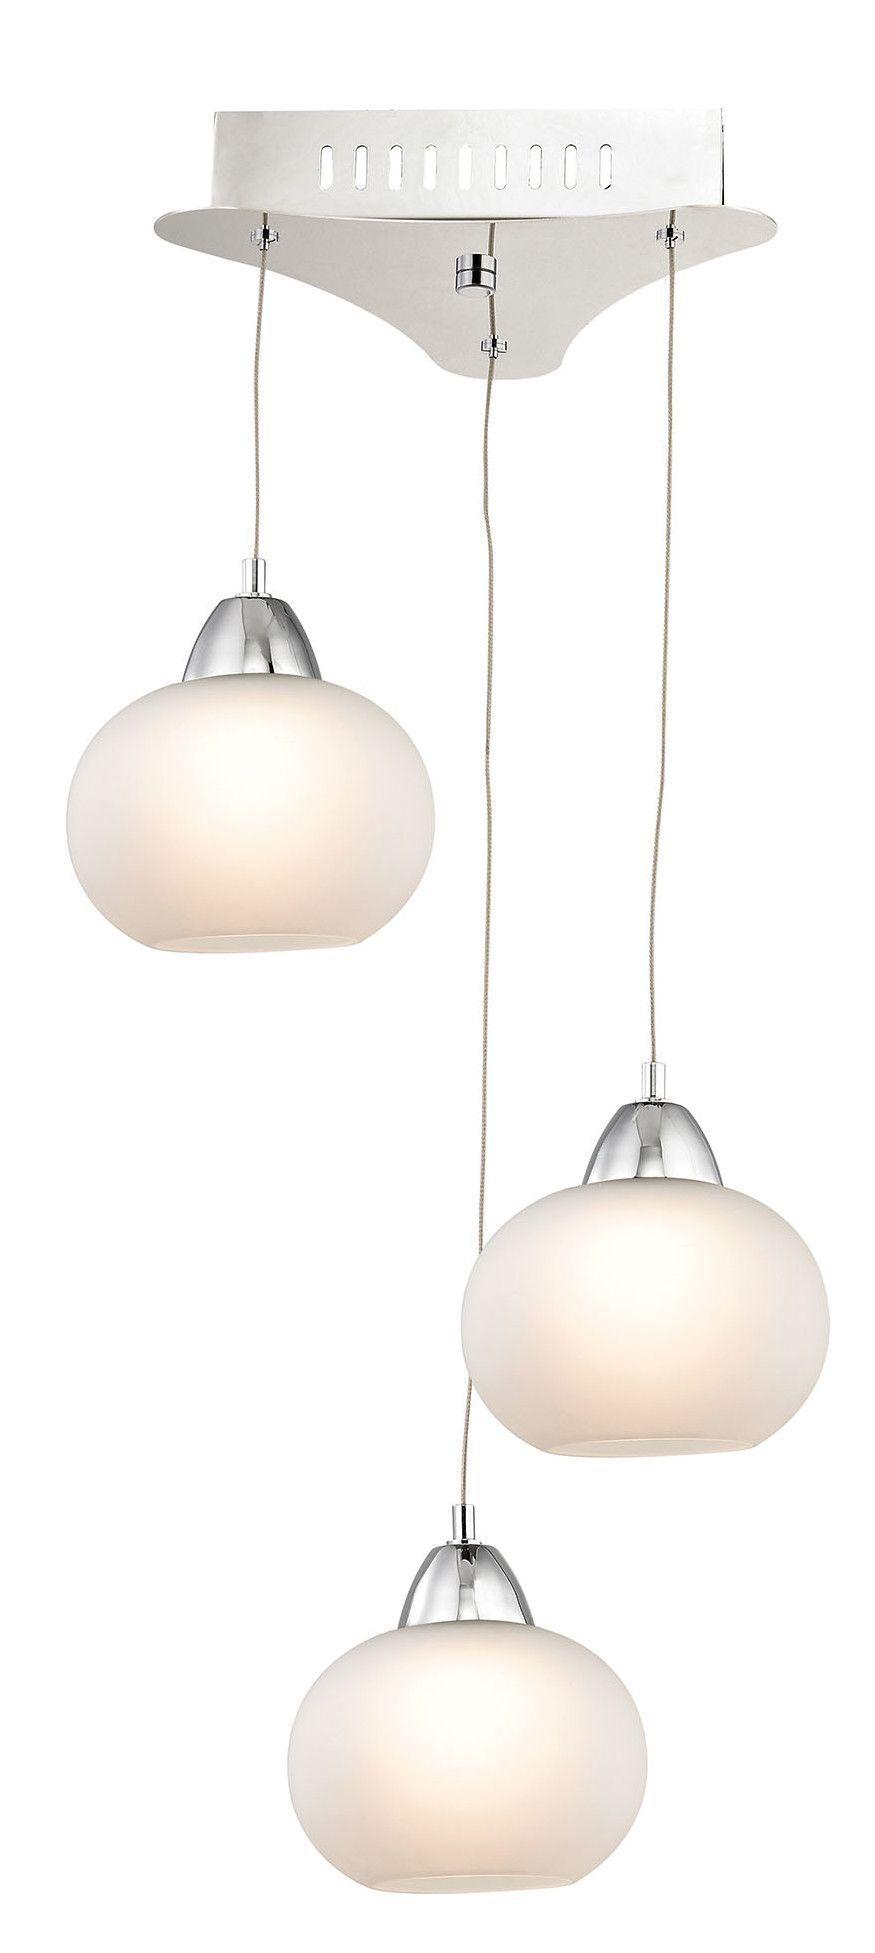 Ciotola 3 Light Pendant